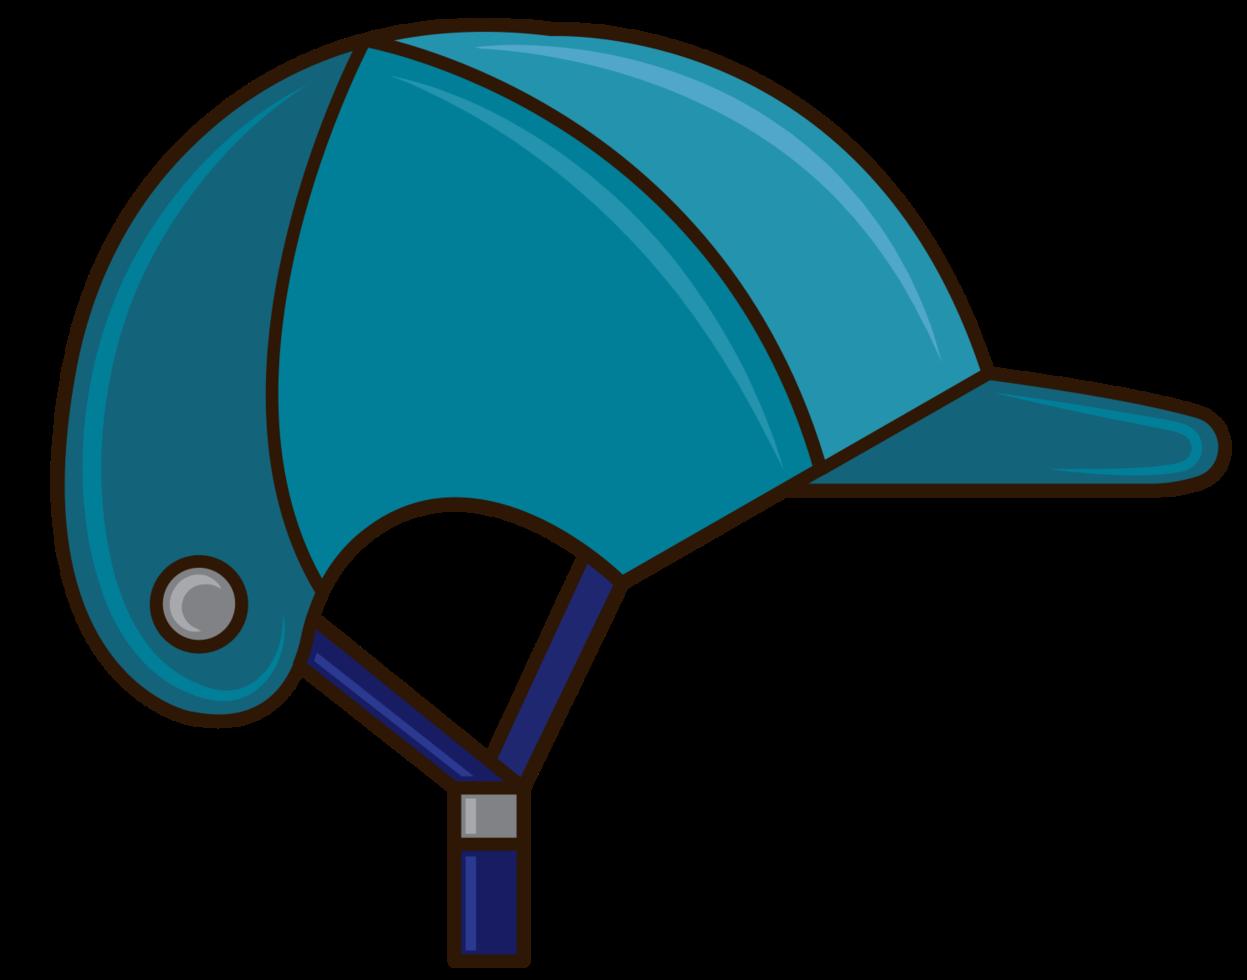 casque d'équitation png